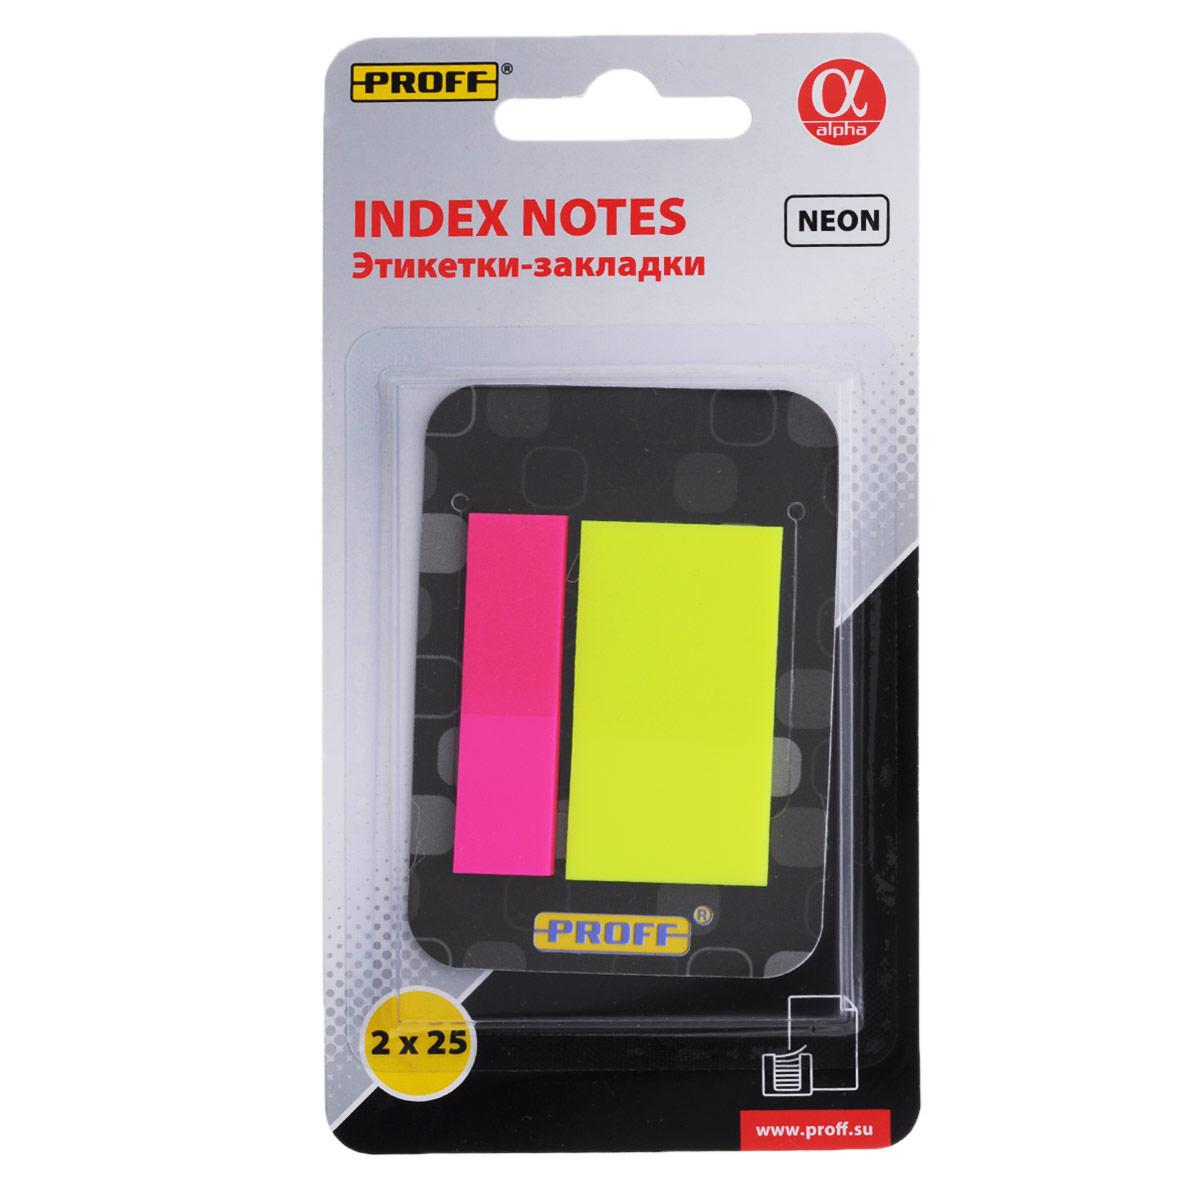 Этикетки-закладки самоклеящиеся Proff Alpha. Neon, с клипом, цвет: розовый, желтый, 2 х 25 штPF-1380Этикетки-закладки Proff Alpha. Neon очень удобно использовать в качестве закладок в книгах, тетрадях, документах. Оснащены клеевым краем, при отклеивании не оставляют следов. Удобный клип позволяет закрепить этикетки там, где вам удобно будет ими пользоваться. В наборе 2 блока ярких неоновых цветов по 25 этикеток-закладок в каждом.